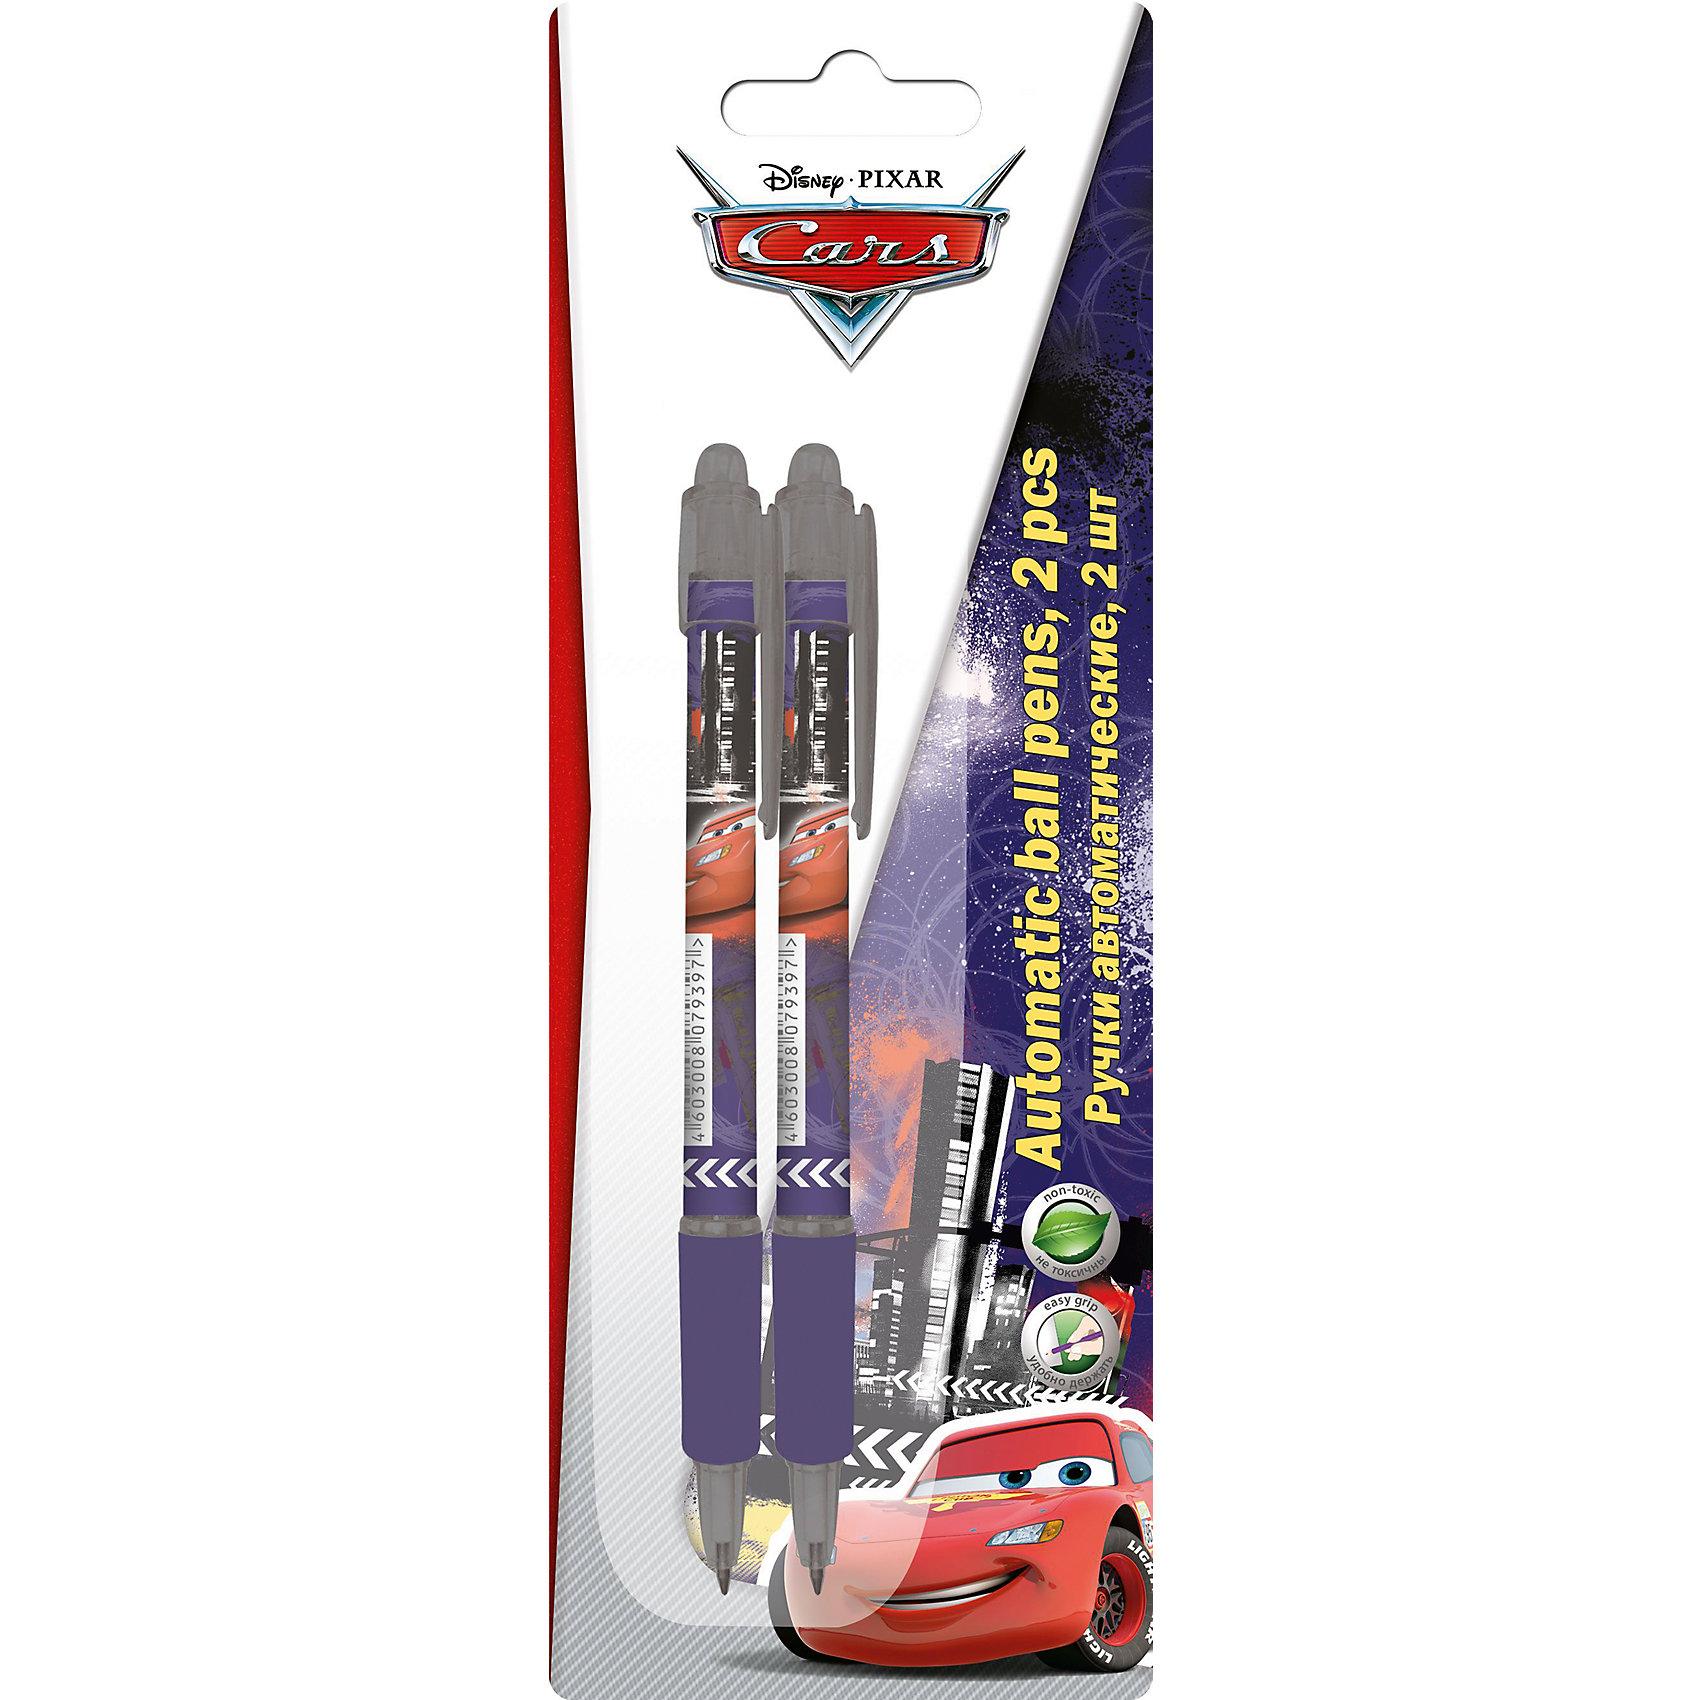 Синие шариковые ручки Тачки, 2 шт.Тачки<br>Набор автоматических ручек - это прекрасный подарок школьнику или студенту. Ручки упакованы в блистерную упаковку, цвет пасты- синий, 2в комплекте 2 штуки. На корпусе ручек - полноцветная печать с изображением любимых героев.<br><br>Дополнительная информация:<br><br>Размер: 20 х 7 х 1,5 см.<br><br>Синие шариковые ручки Тачки (Cars), 2 шт. можно купить в нашем магазине.<br><br>Ширина мм: 200<br>Глубина мм: 70<br>Высота мм: 15<br>Вес г: 30<br>Возраст от месяцев: 48<br>Возраст до месяцев: 108<br>Пол: Мужской<br>Возраст: Детский<br>SKU: 4177224